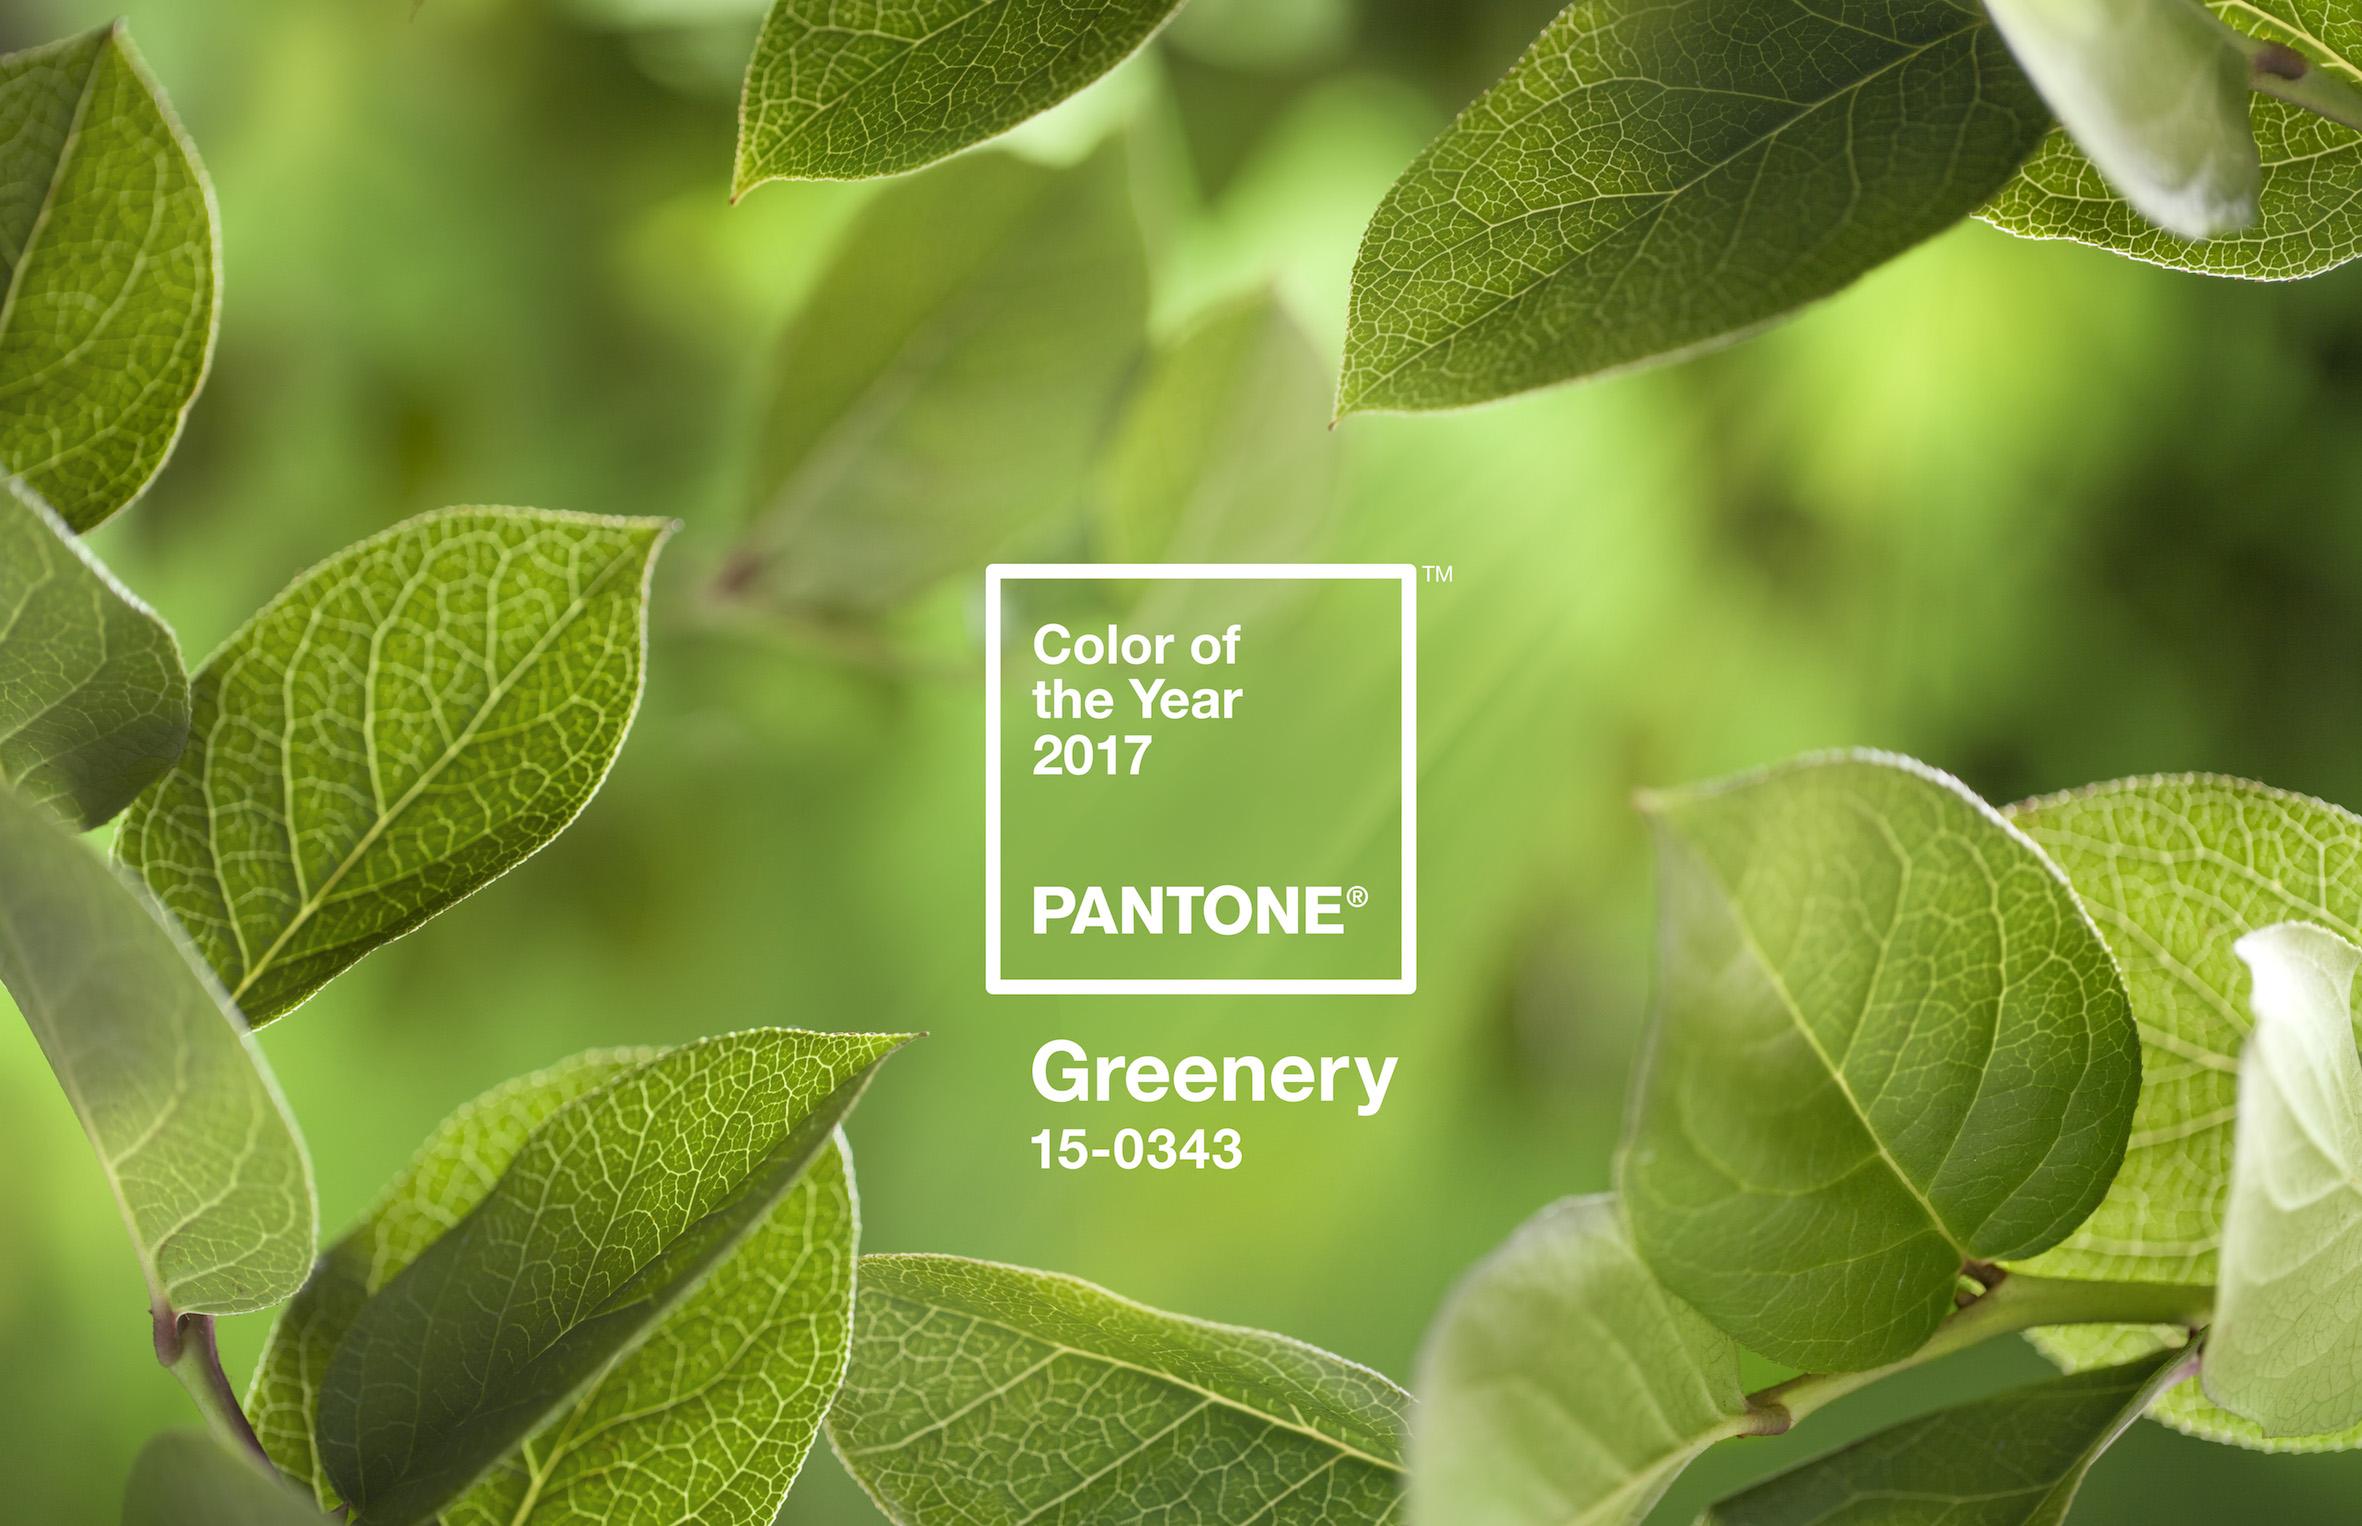 Pantone Color of the Year 2017: Greenery  pantone color of the year 2017 Pantone Color of the Year 2017: Greenery Pantone Color of the Year 2017 Greenery10